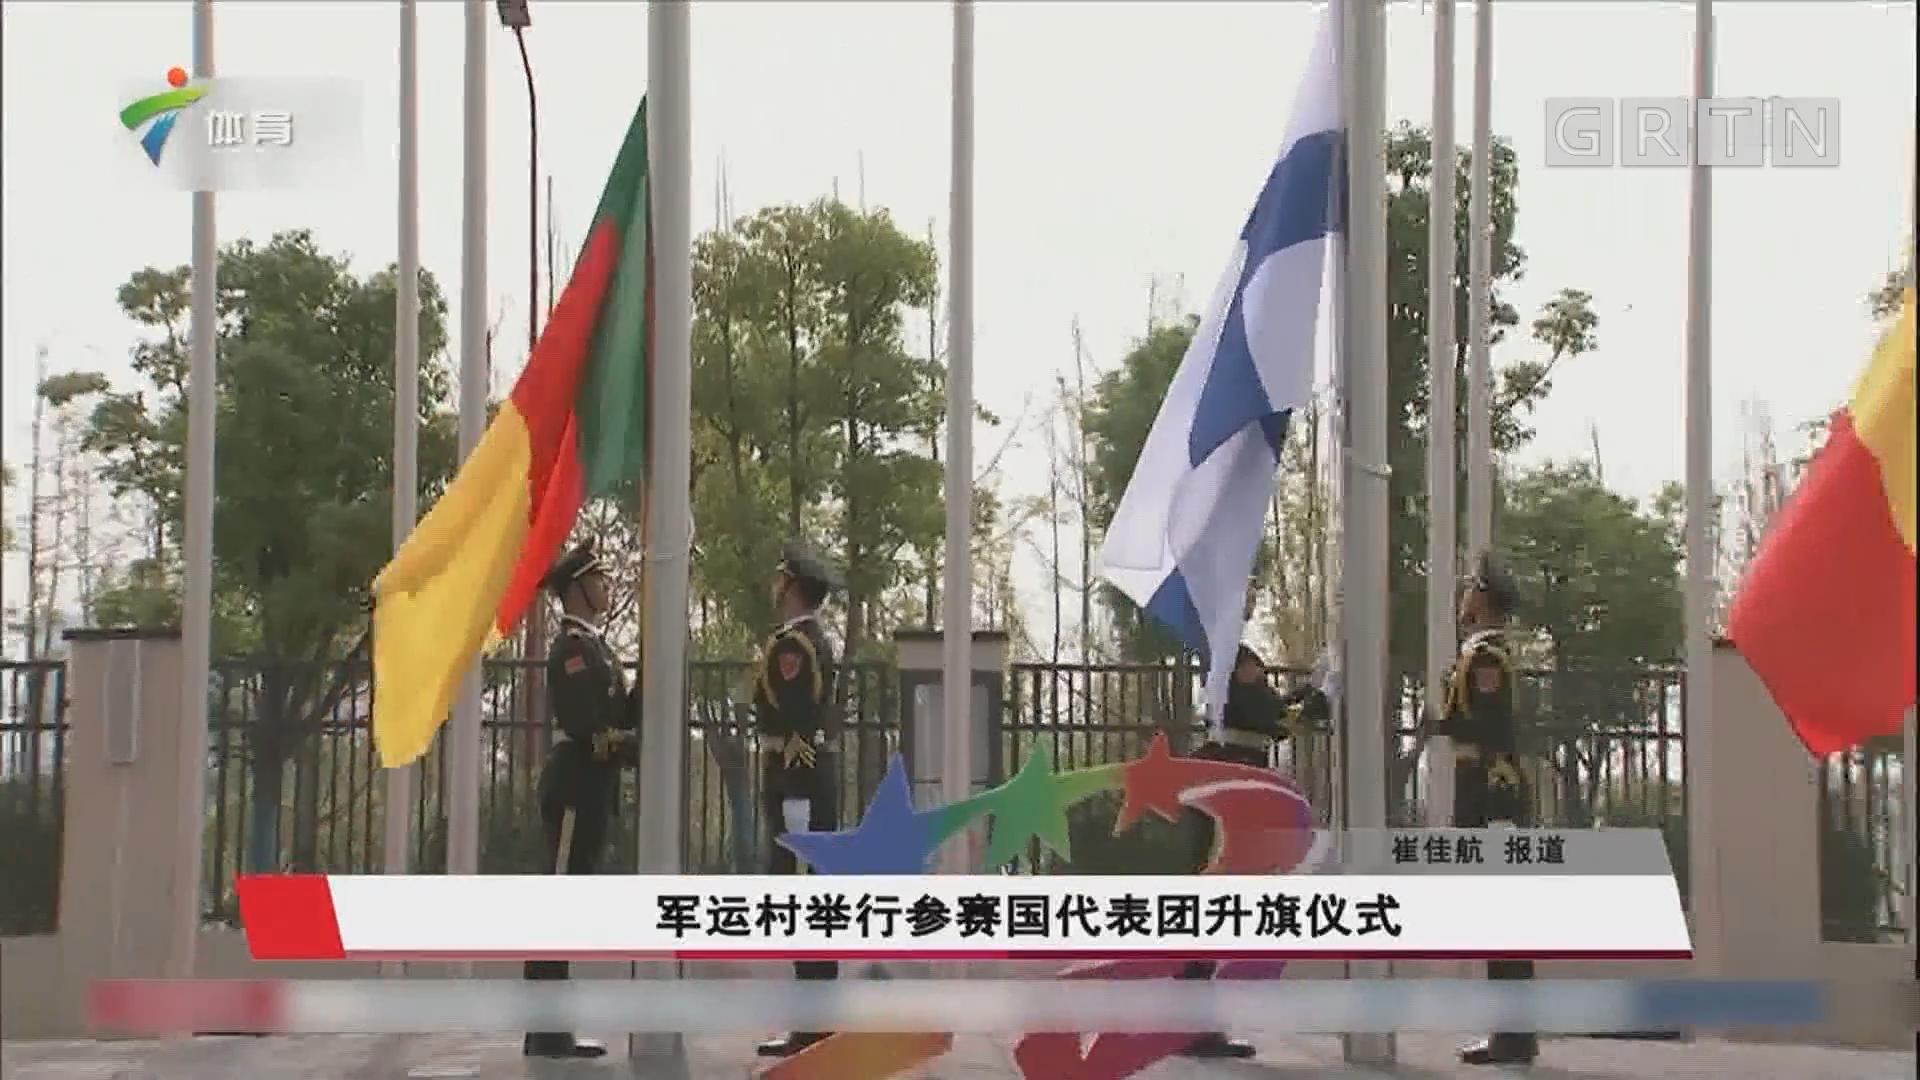 军运村举行参赛国代表团升旗仪式